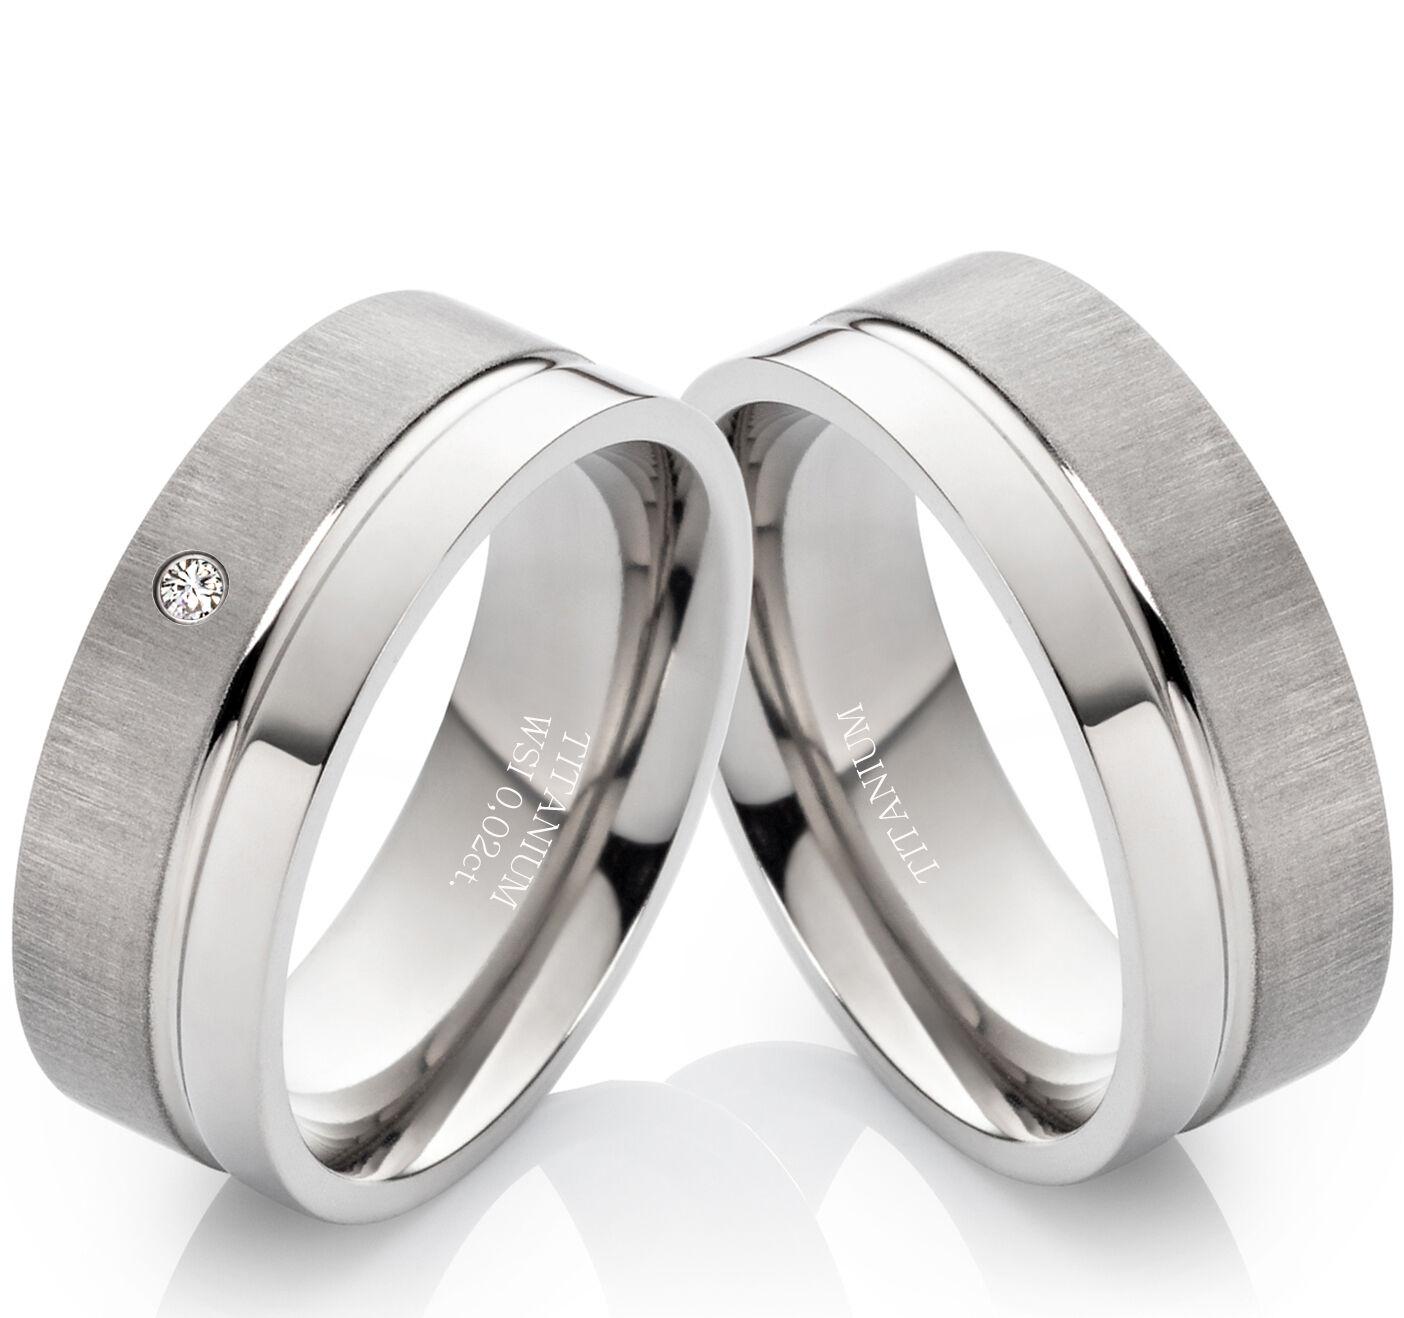 Eheringe Verlobungsringe Trauringe aus Titan mit Diamant und Ringe Gravur TB017